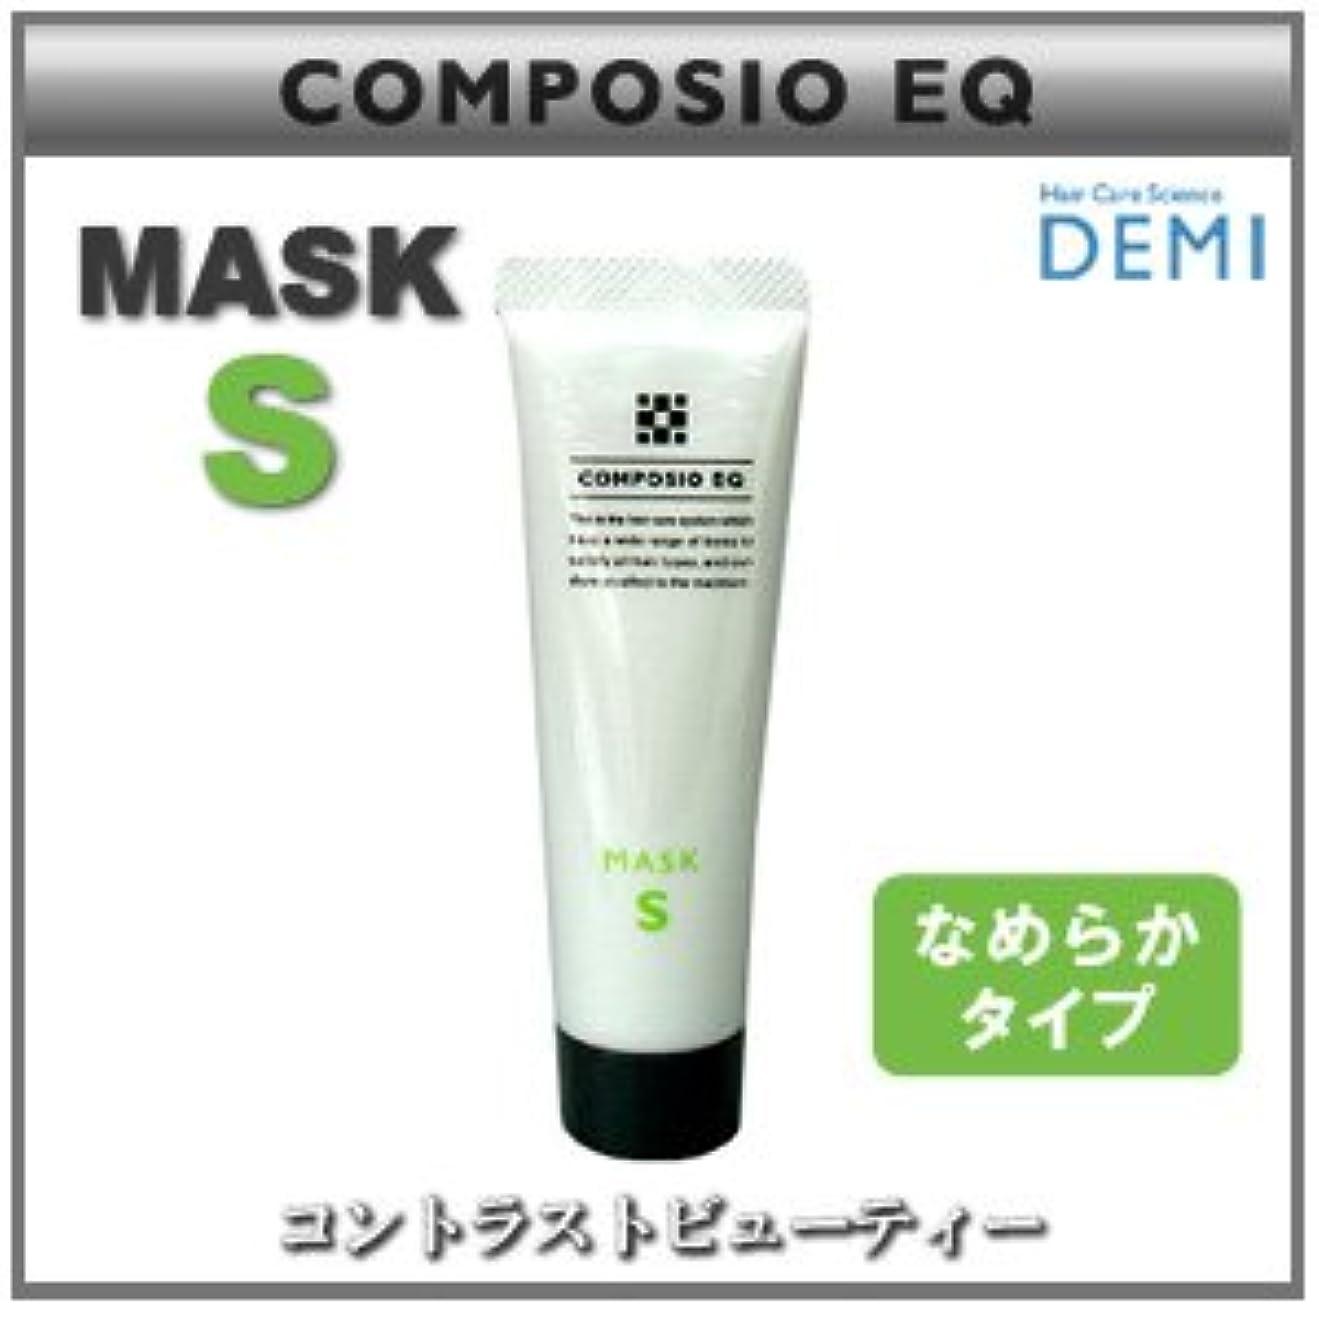 意志に反する主観的訪問【X3個セット】 デミ コンポジオ EQ マスク S 50g